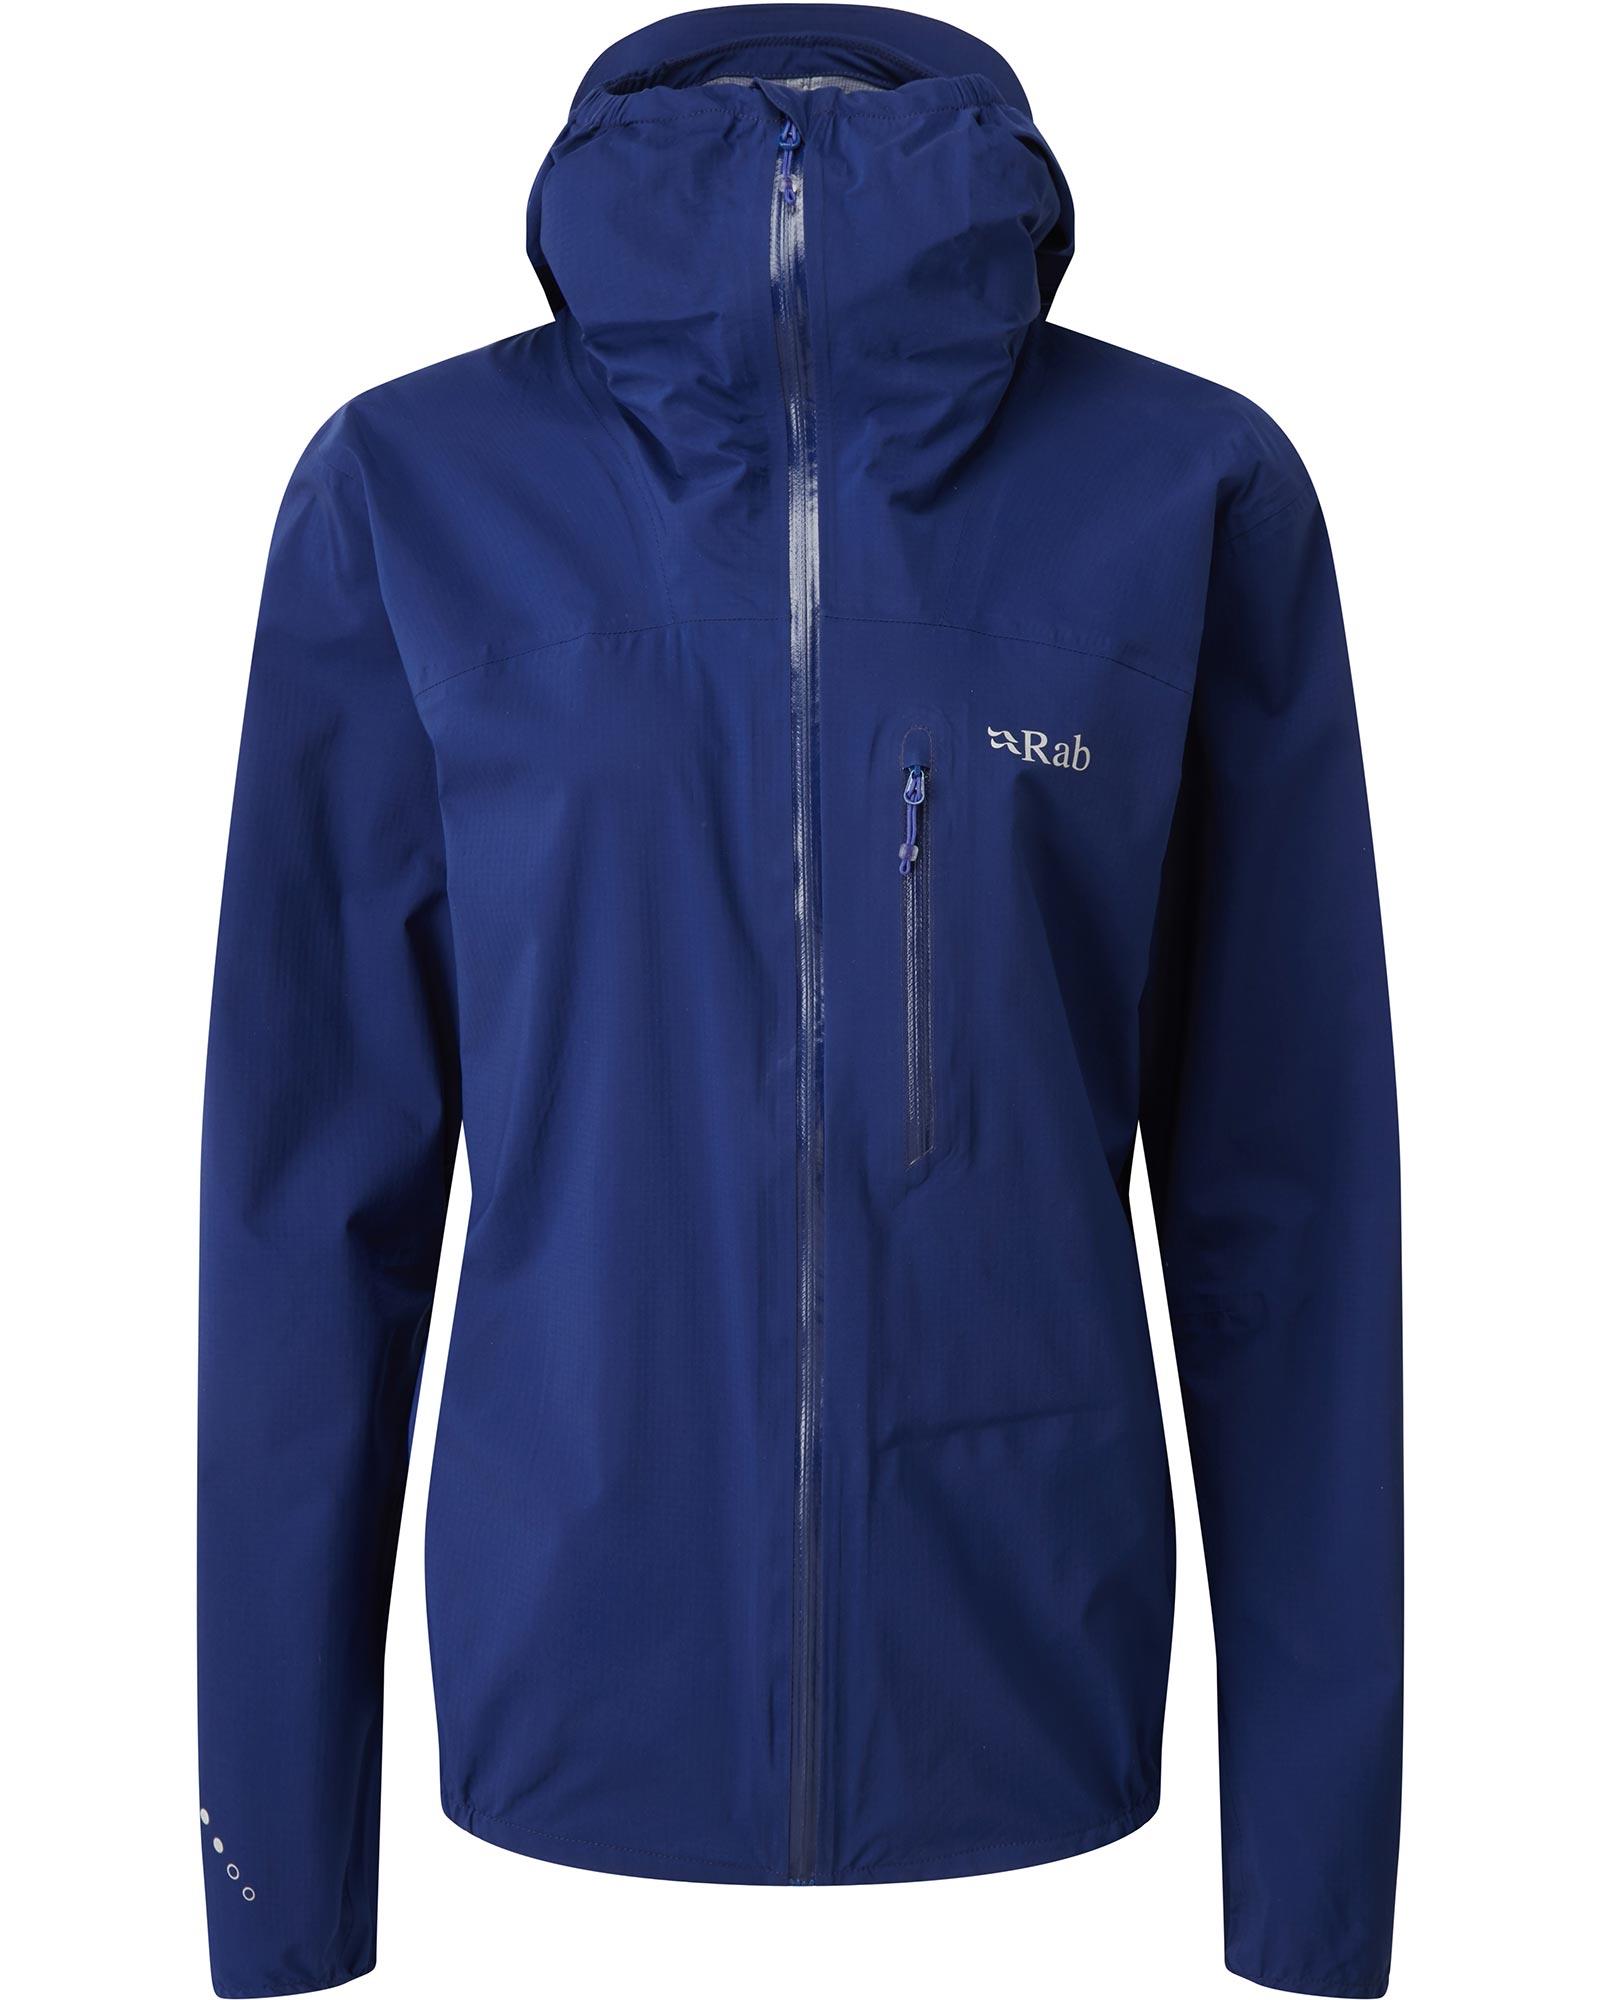 Rab Women's Charge Jacket 0